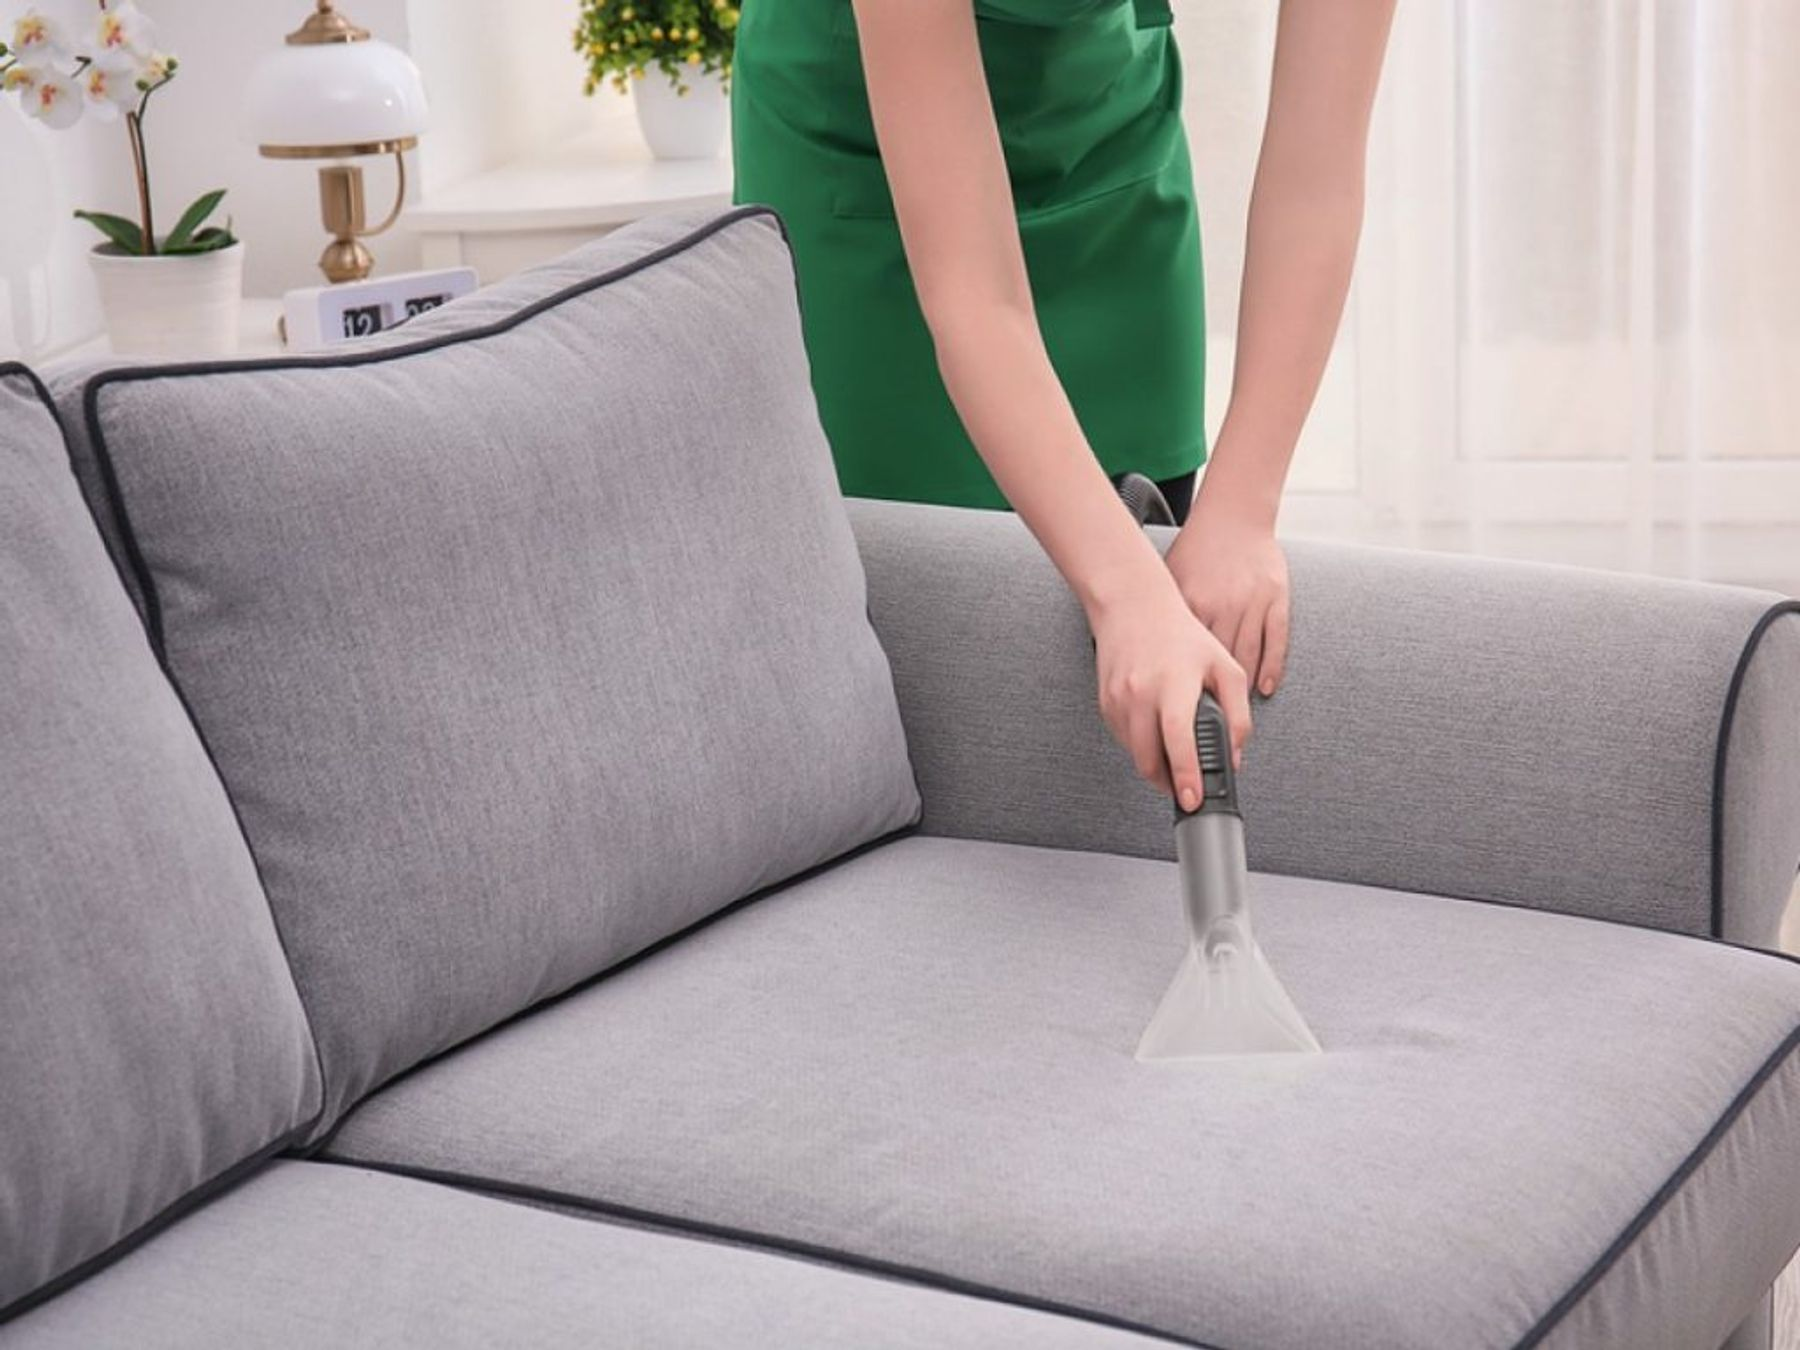 Những lưu ý khi vệ sinh ghế sofa, bảo quản ghế tại nhà